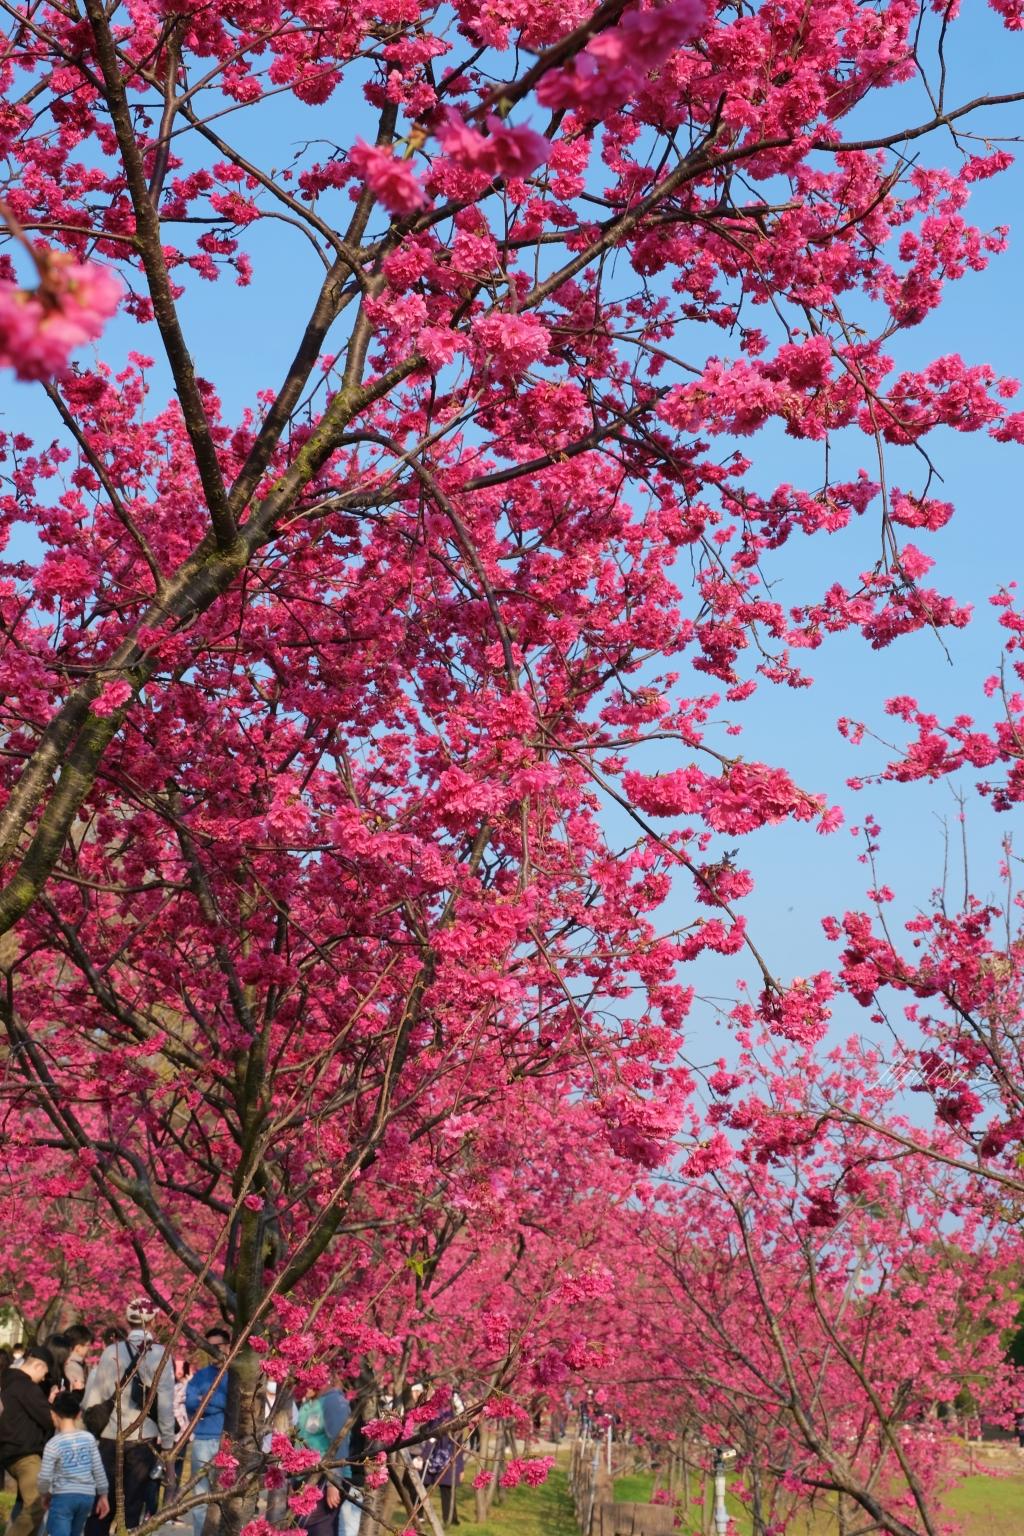 【台中后里】2021后里中科崴立櫻花季:嬌艷桃紅八重櫻盛開中,台中免費千坪賞櫻景點 @飛天璇的口袋